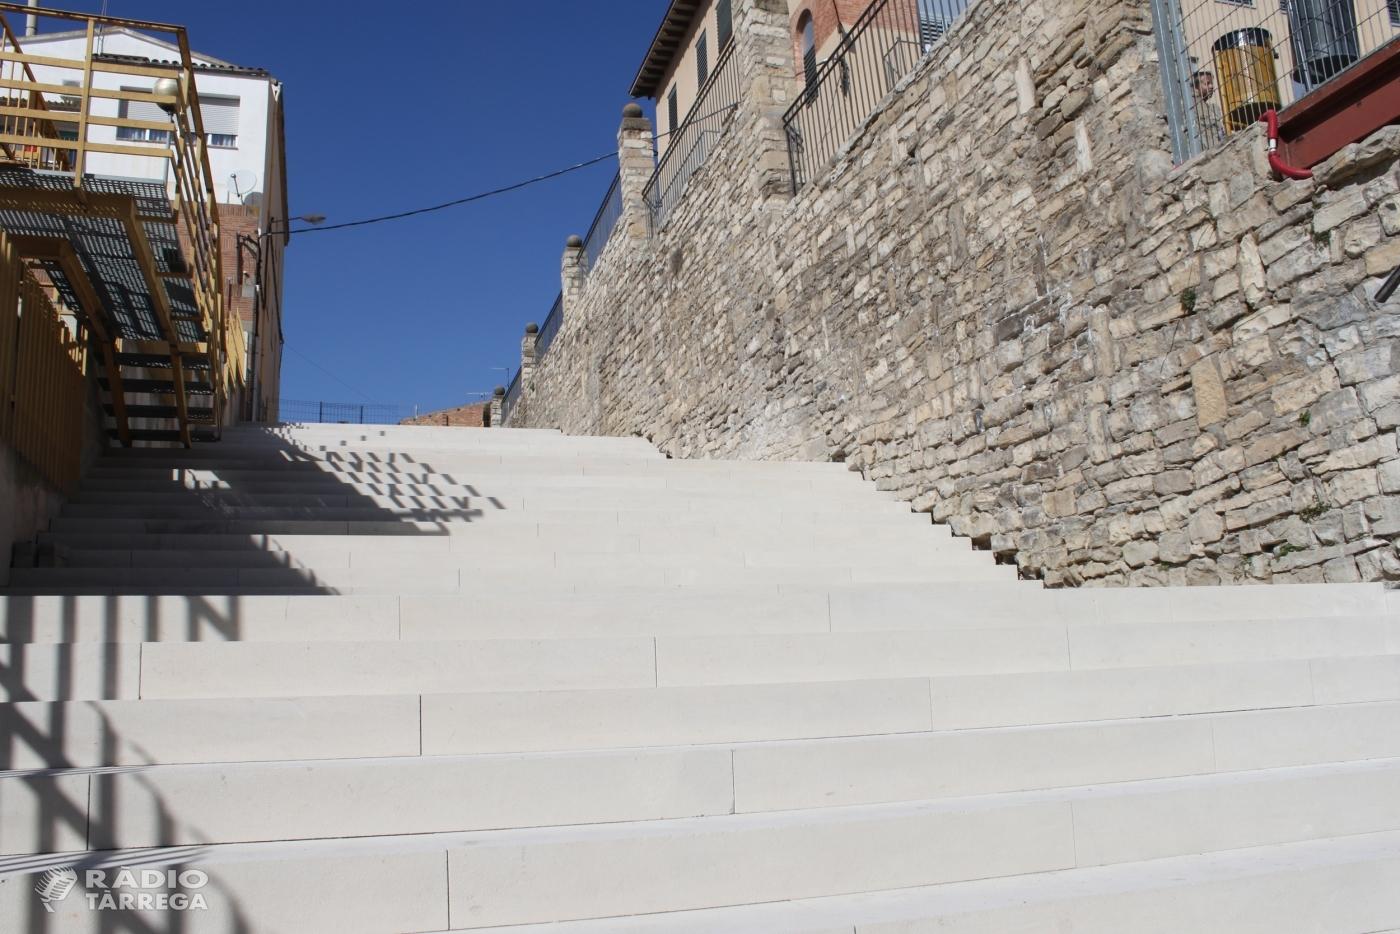 L'Ajuntament de Tàrrega ultima les obres de renovació de l'escalinata situada entre el Col·legi Jacint Verdaguer i l'Escola Municipal de Música